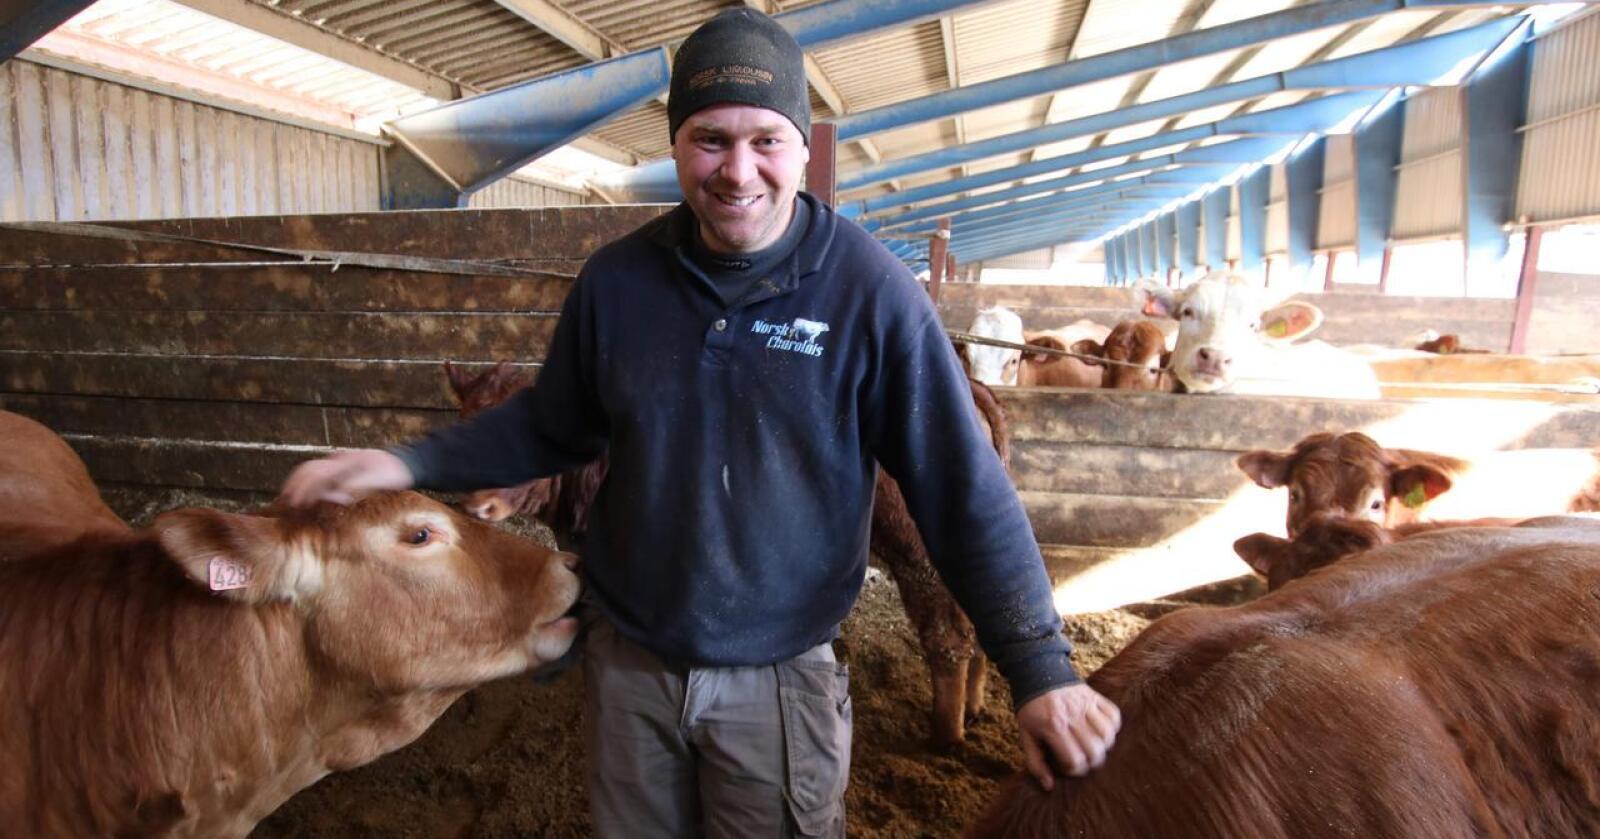 Mer støtte: Kristian Hovde er nestleder i Tyr. Han mener ammekubøndene må ha et skikkelig løft i årets jordbruksoppgjør. (Foto: Dag Idar Jøsang)